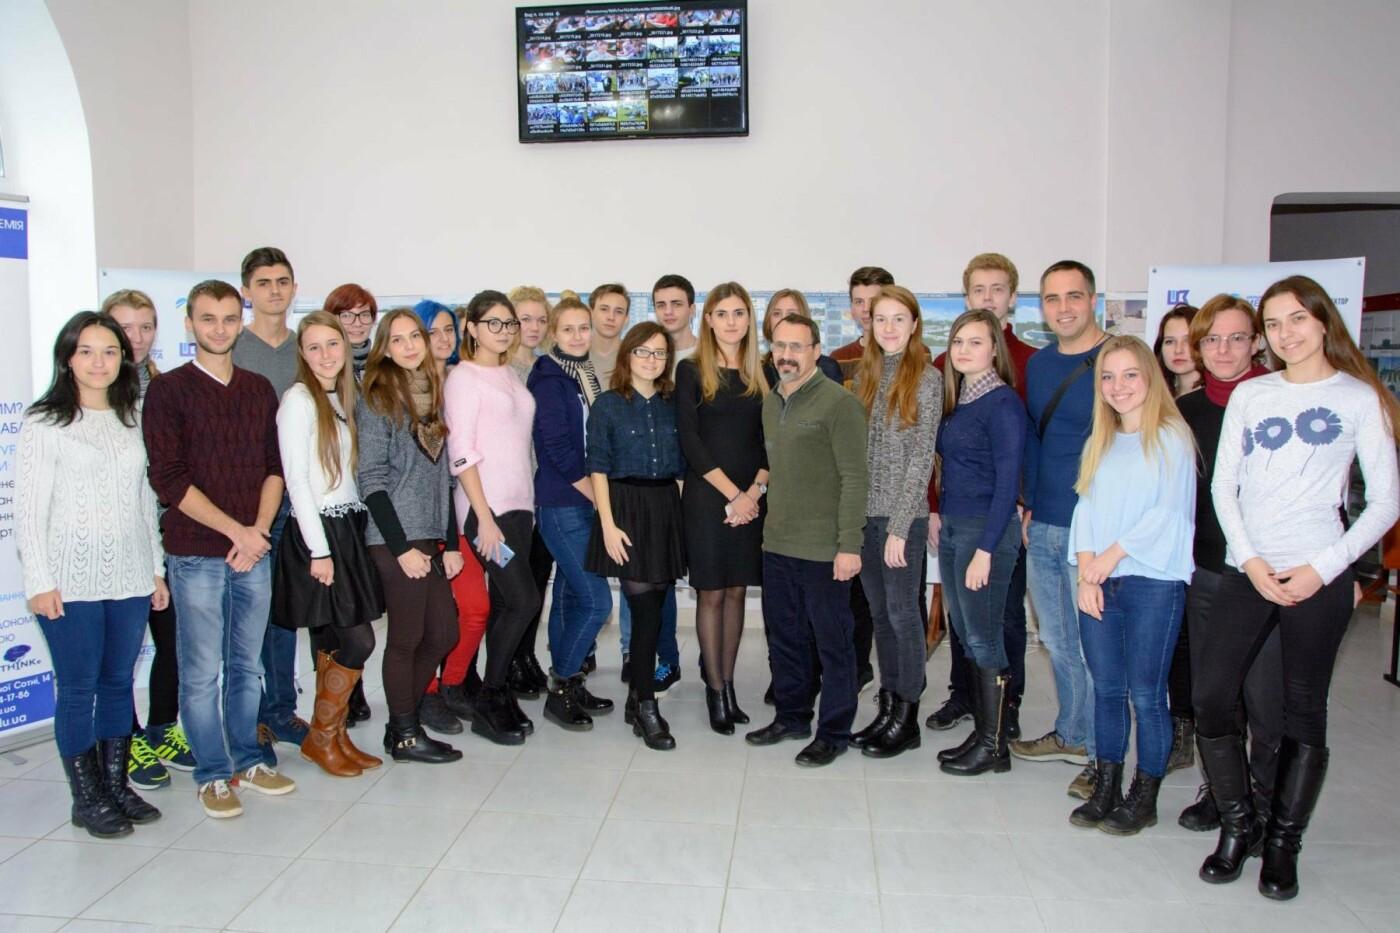 Открыт престижный конкурс «Архитектор 2018» для талантливых украинских студентов, фото-3